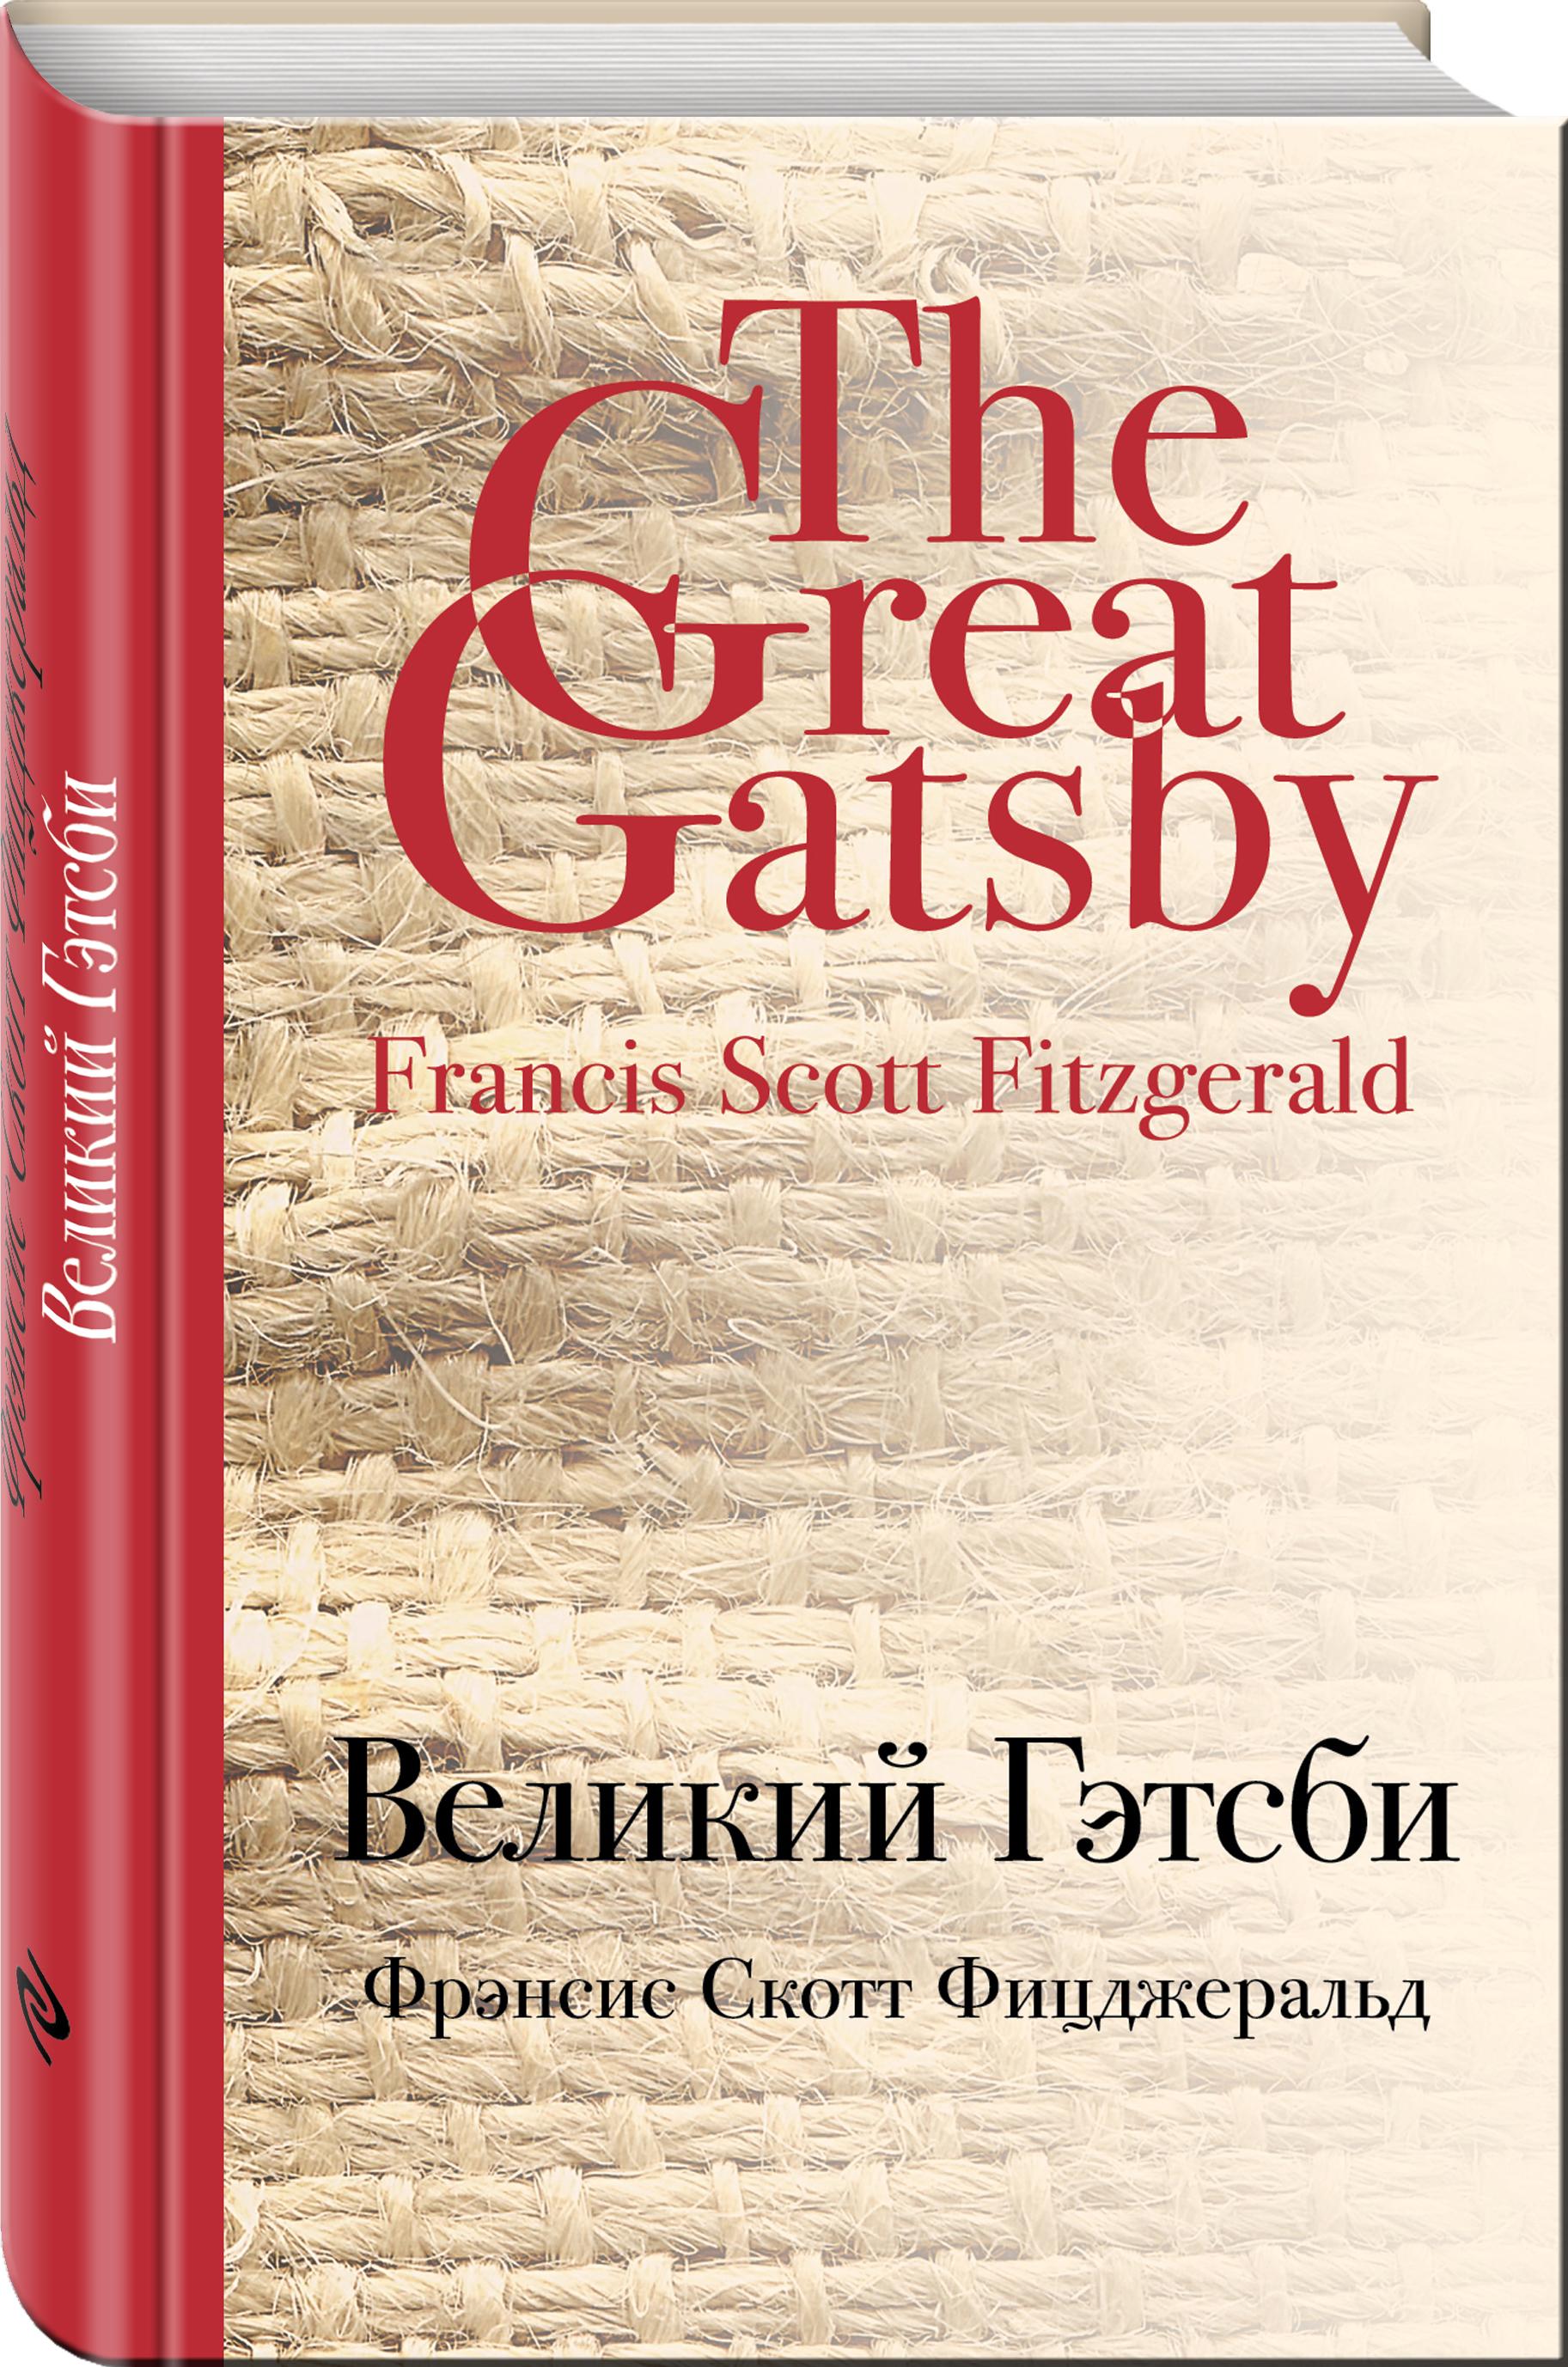 Фрэнсис Скотт Фицджеральд Великий Гэтсби фицджеральд фрэнсис скотт великий гэтсби the great gatsby 3 уровень cd